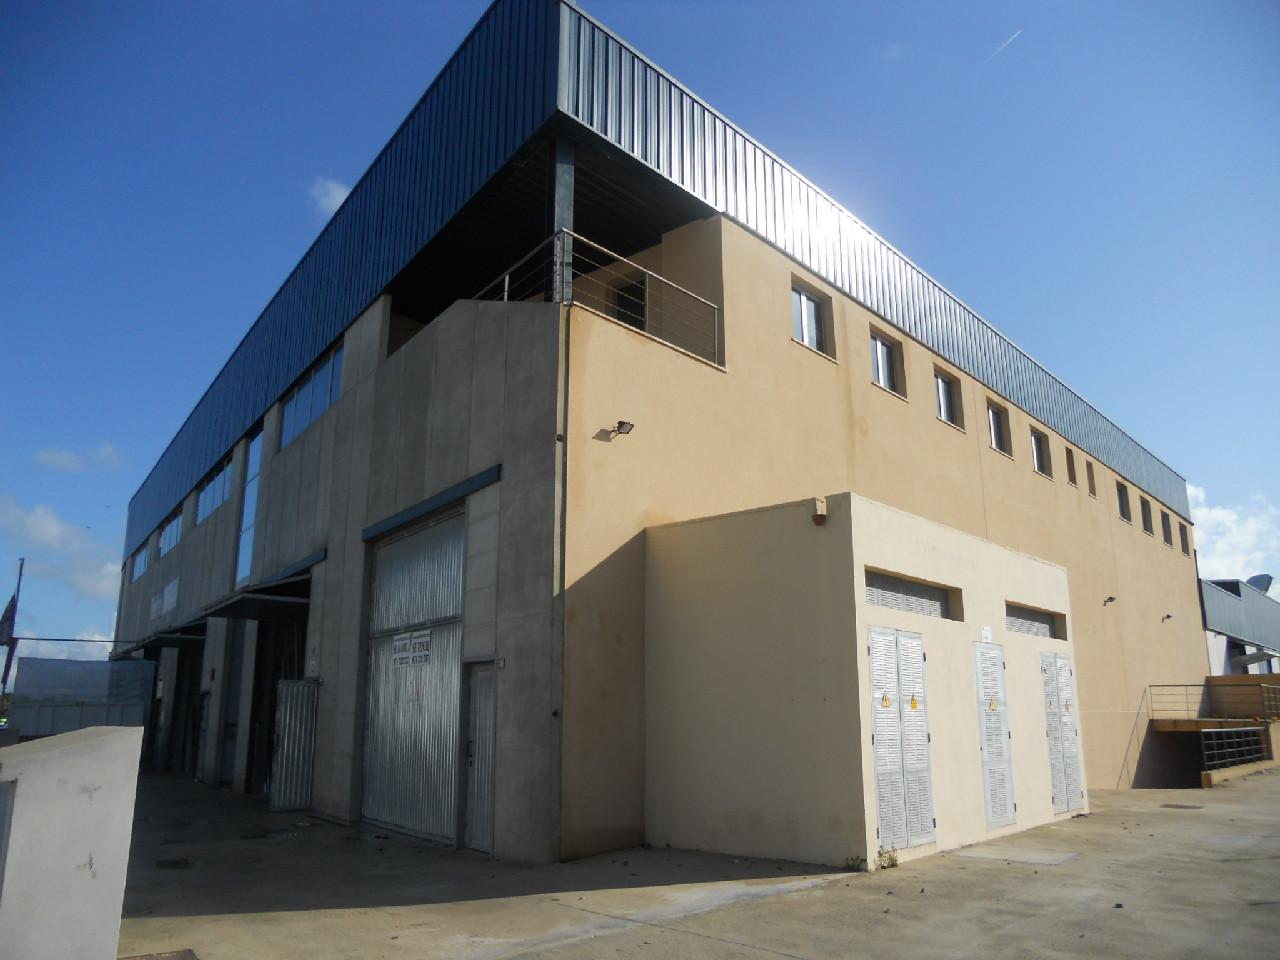 Location Bâtiment à usage industriel  Carrer de can calafat. Son oms nave de 242 m2.